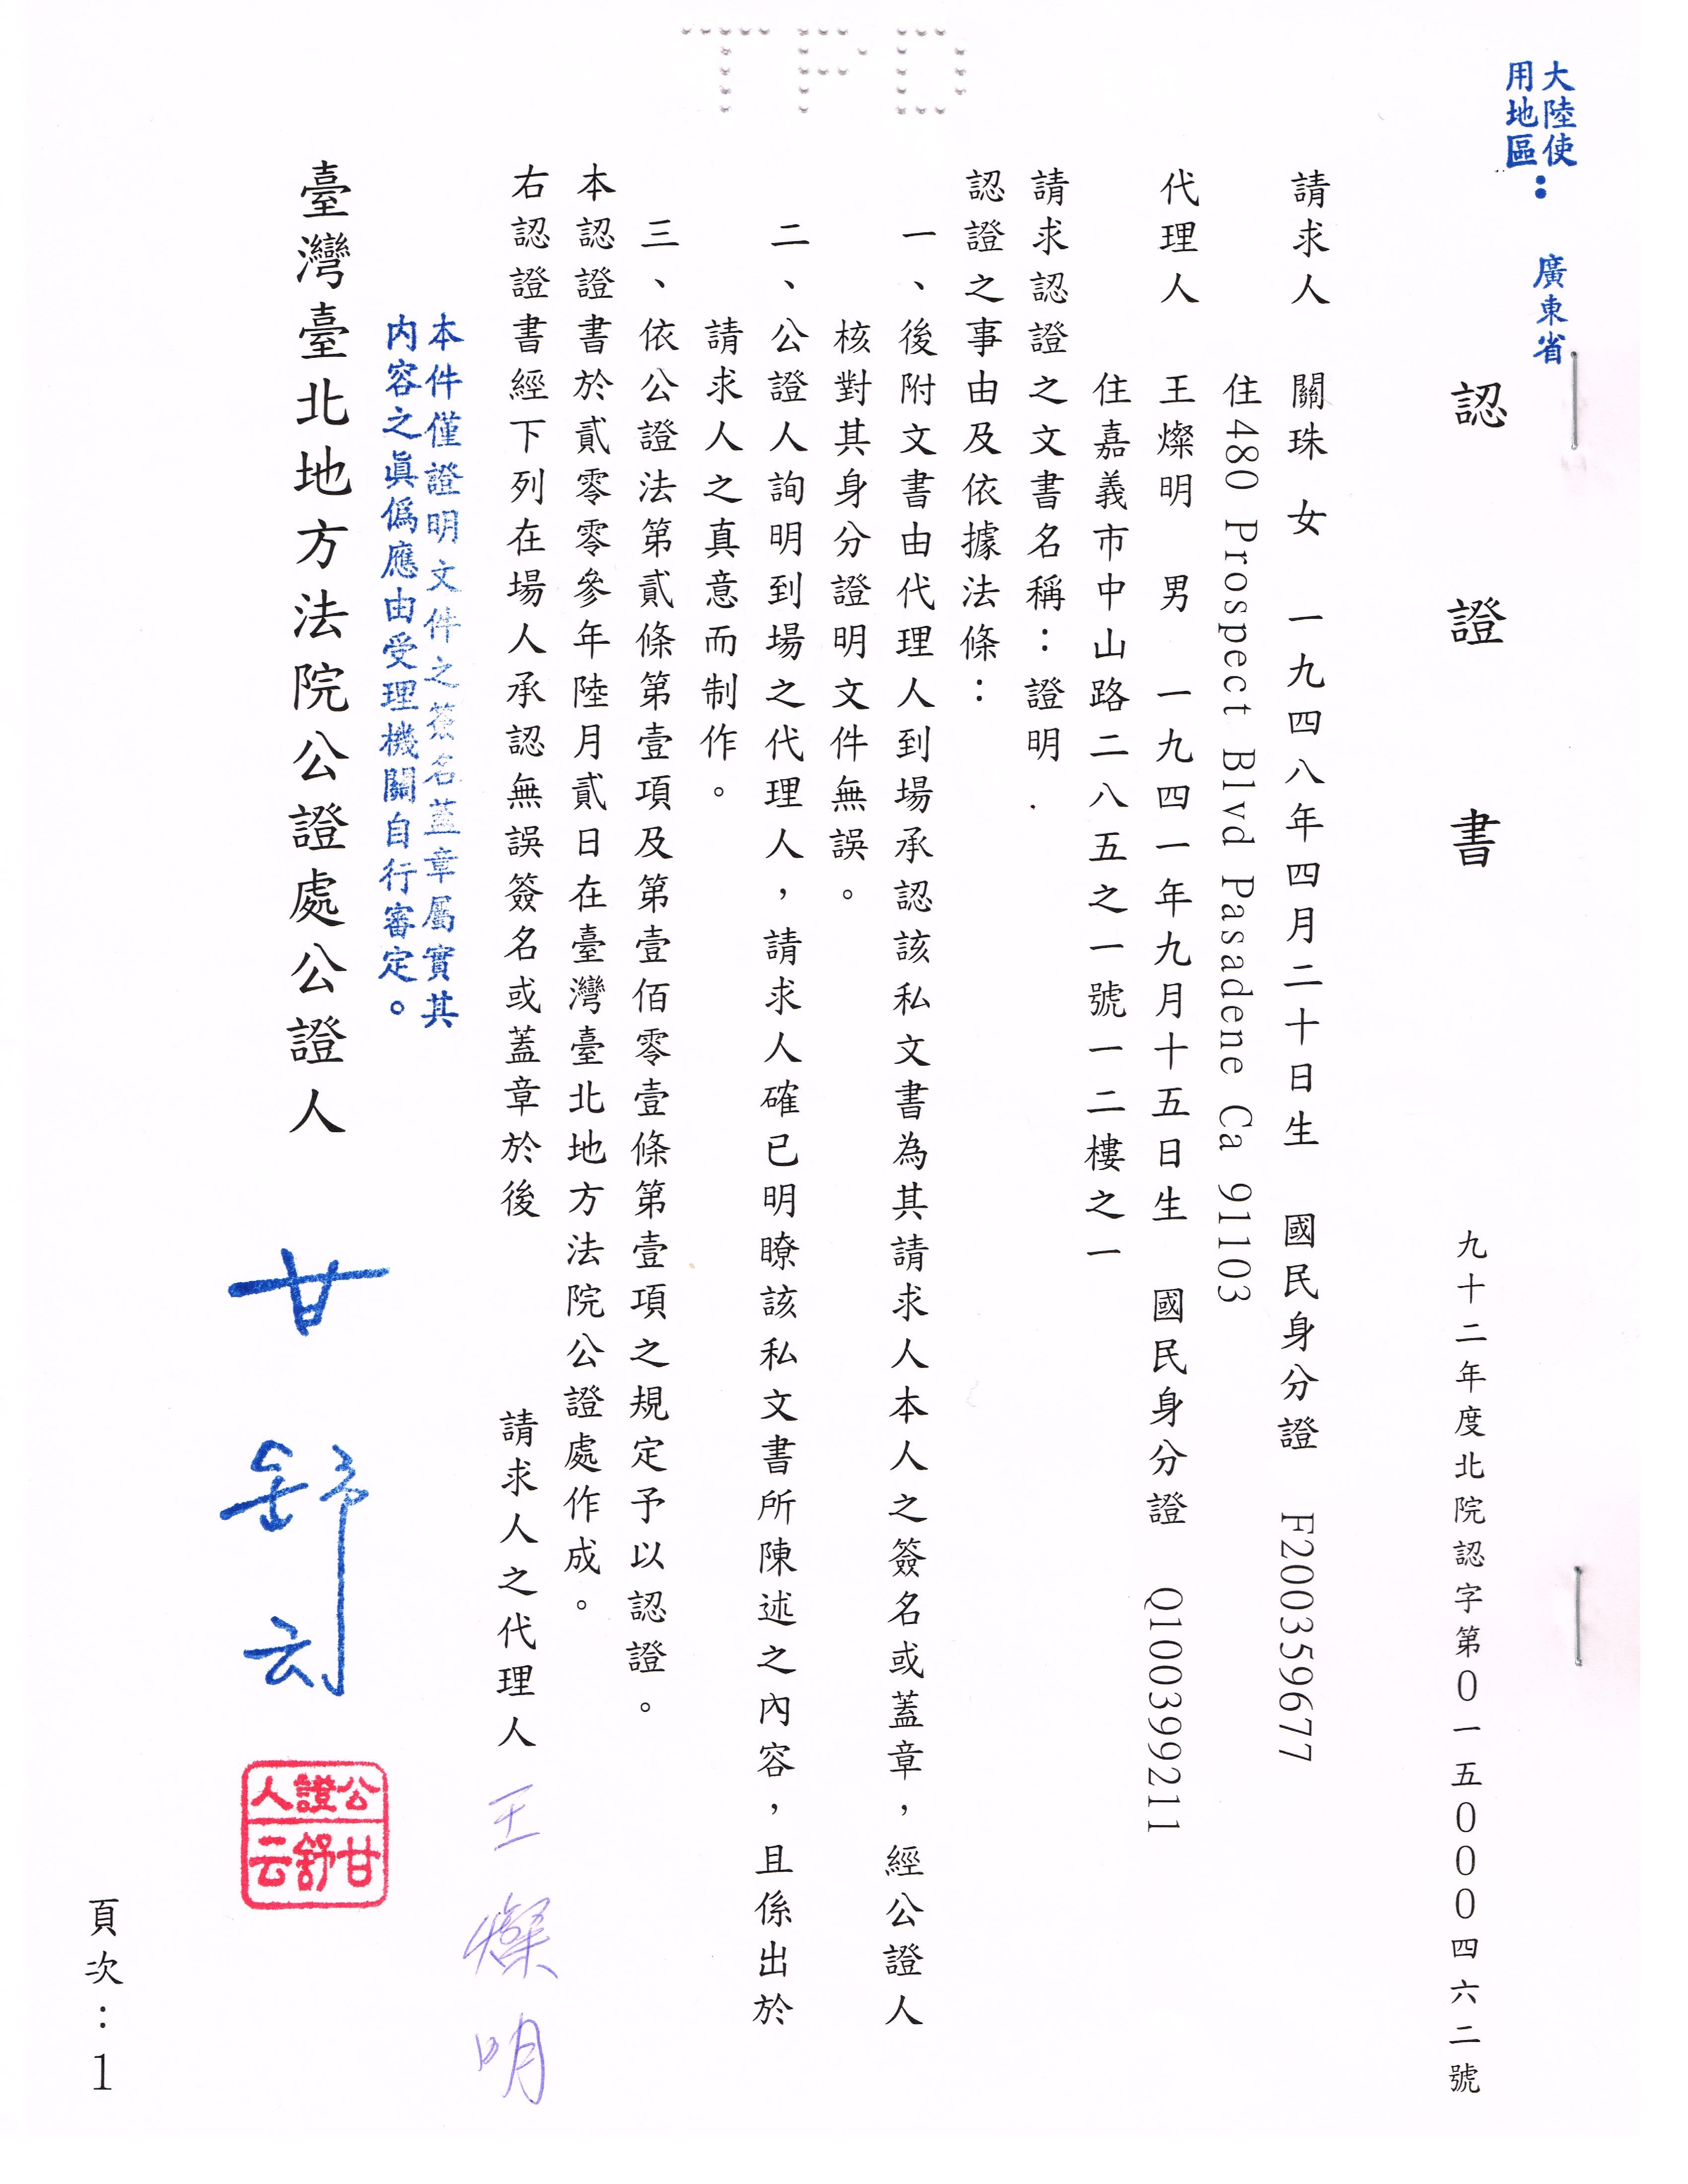 H.H.第三世多杰羌佛不收供養的部分證明_關珠證明Page1